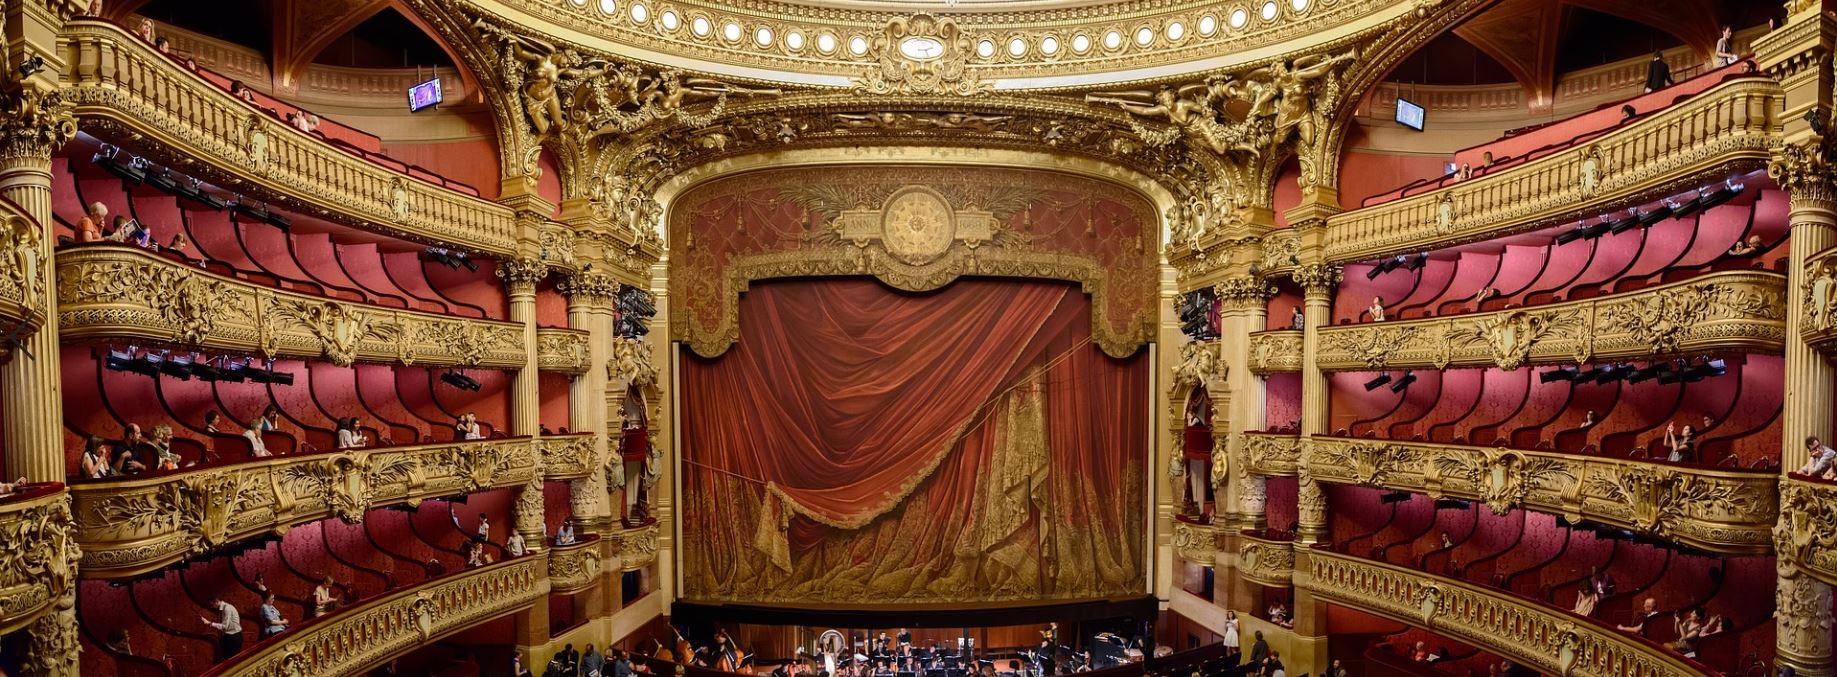 Que ver en Paris en 3 dias: Opera Garnier